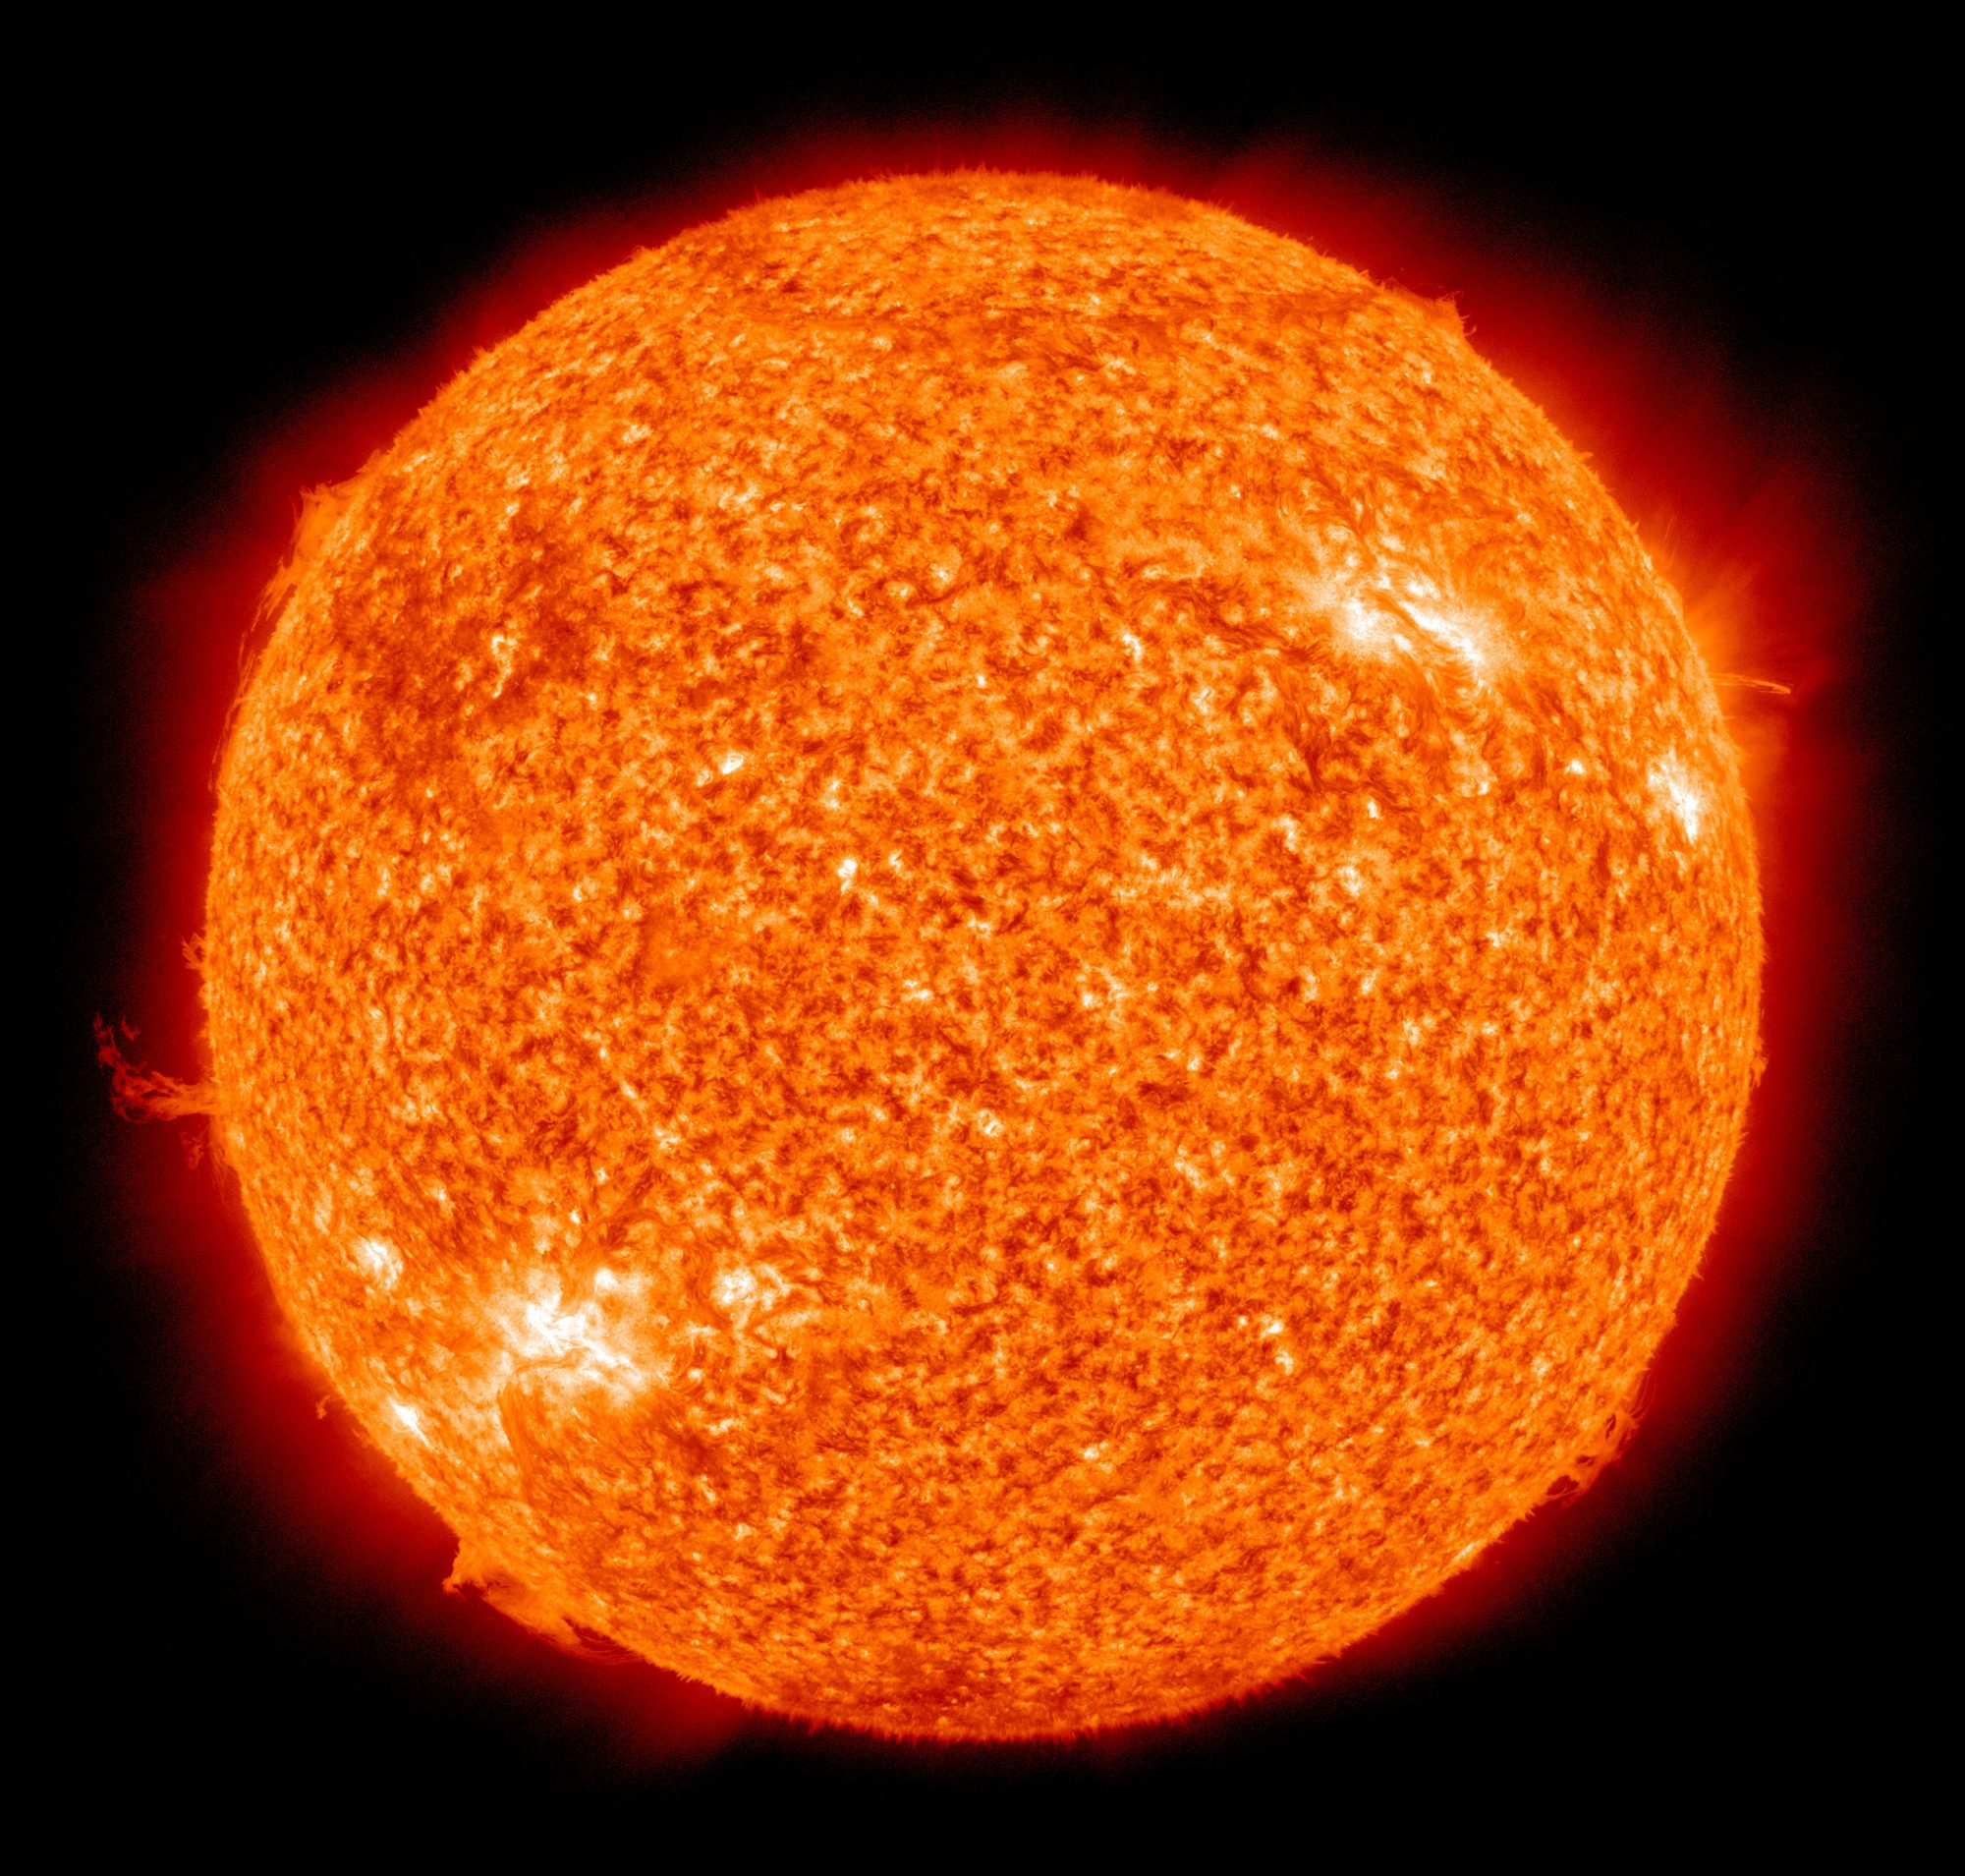 どうして太陽は常に止まらずに燃え続けるのか?補足